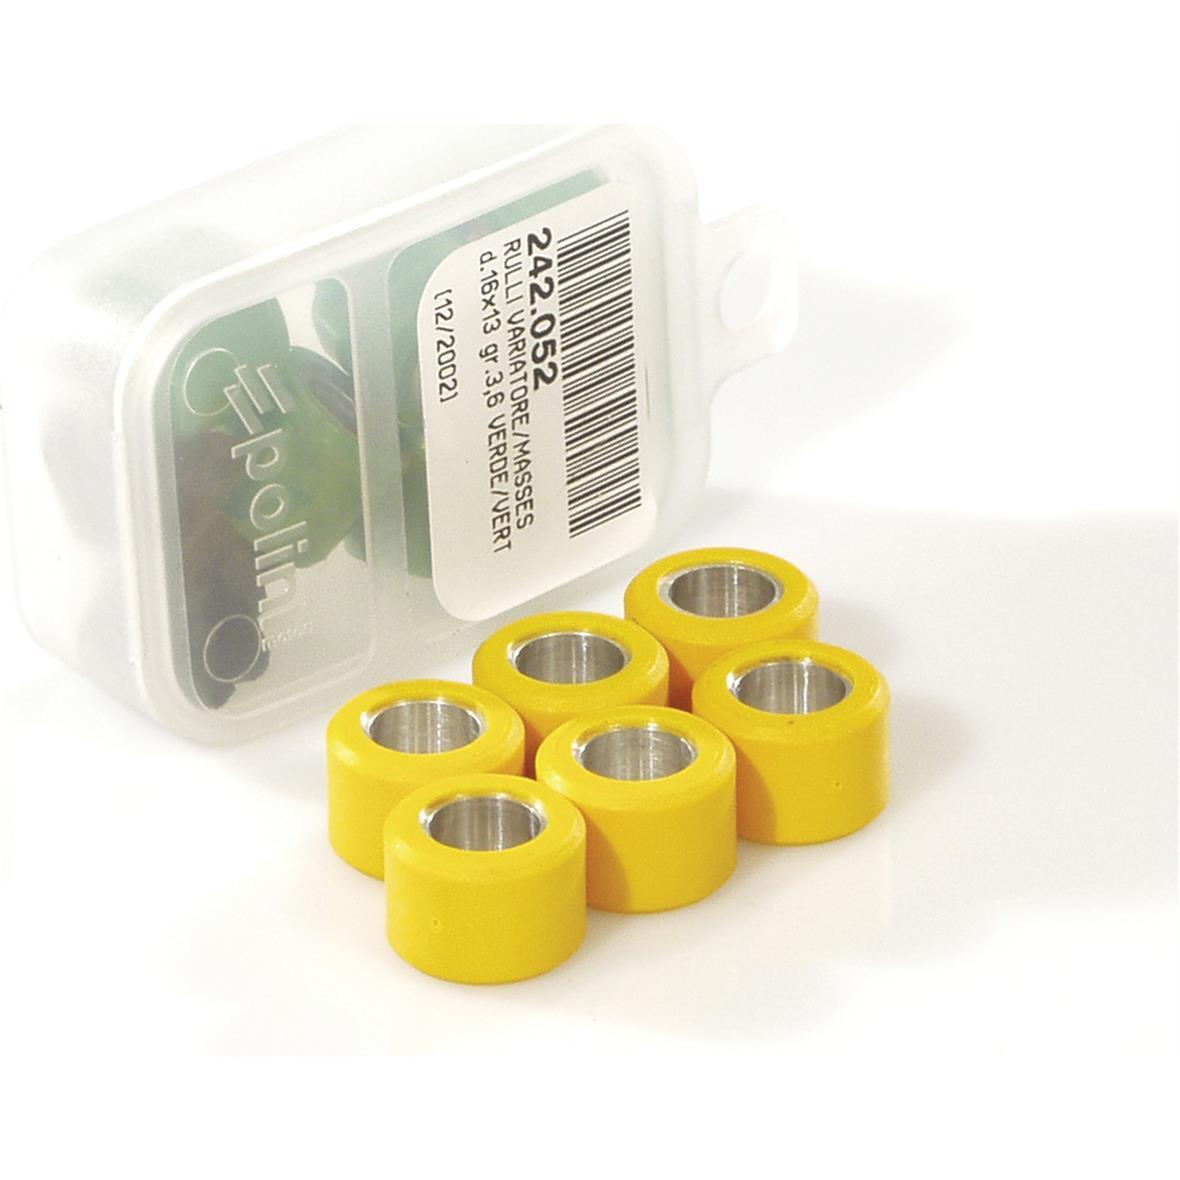 Image du produit 'Rouleaux de variateur POLINI 20x17 mm 13,2g'